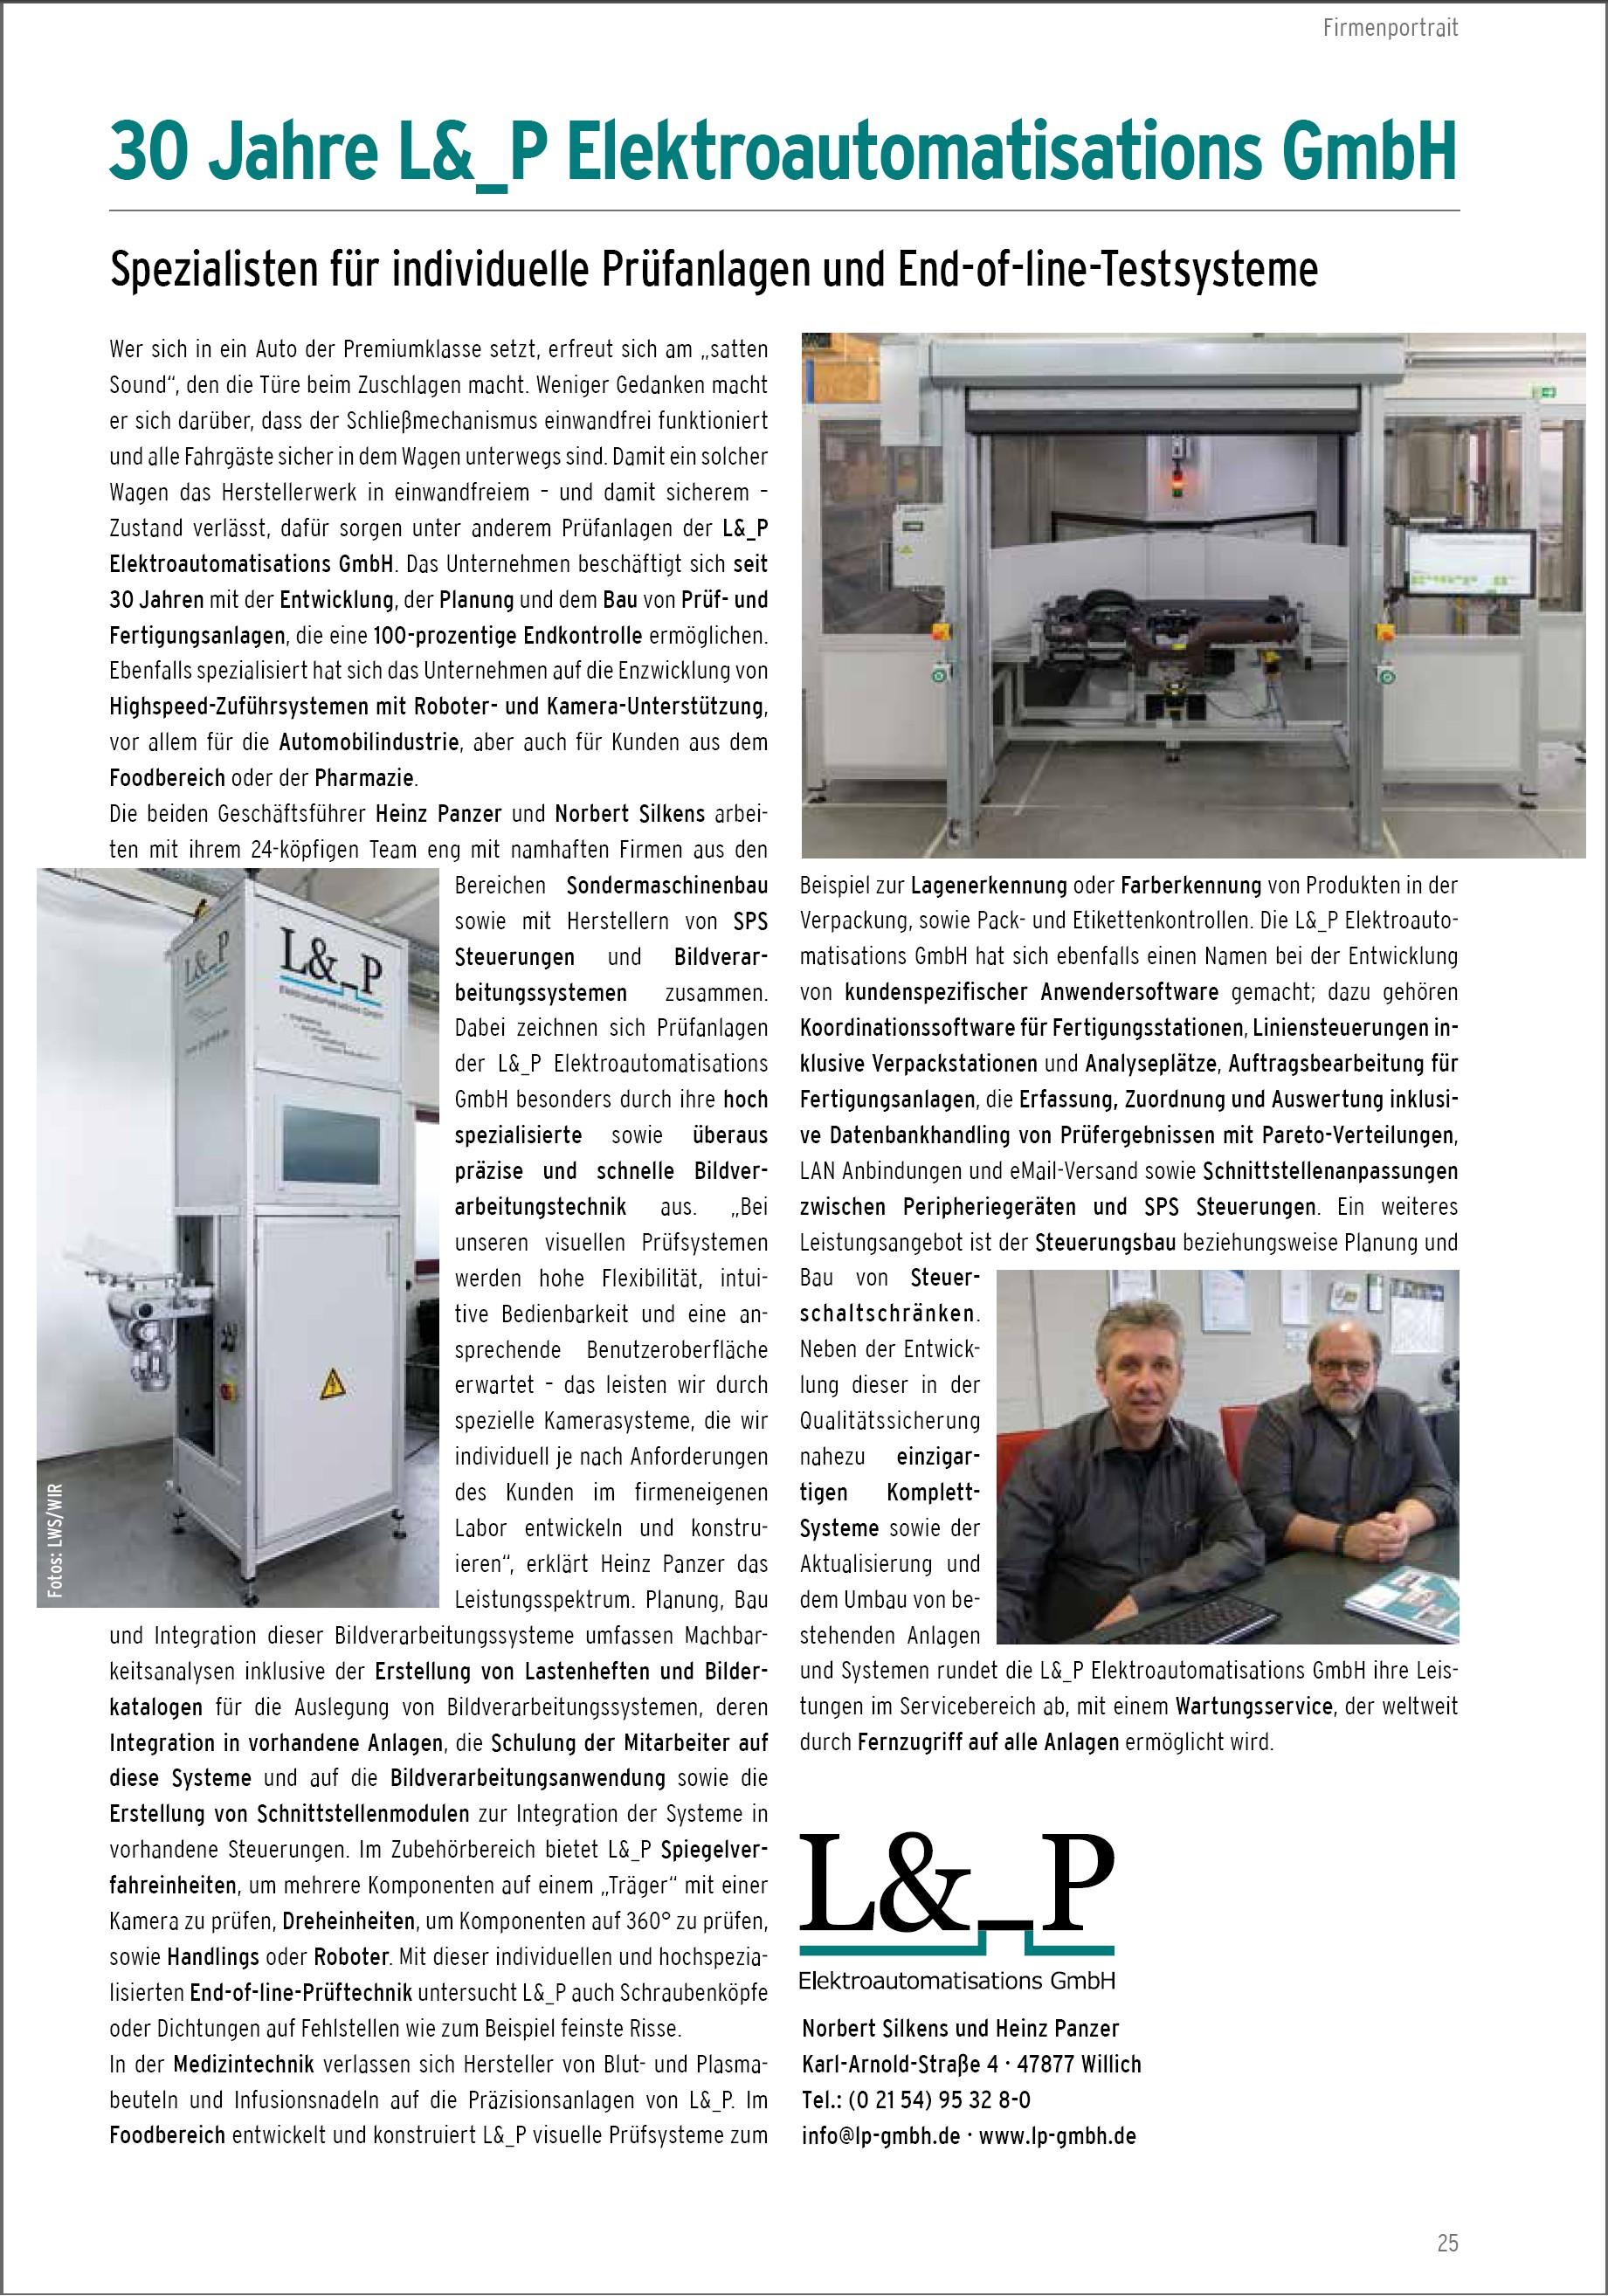 30 Jahre L&_P - Elektroautomations GmbH